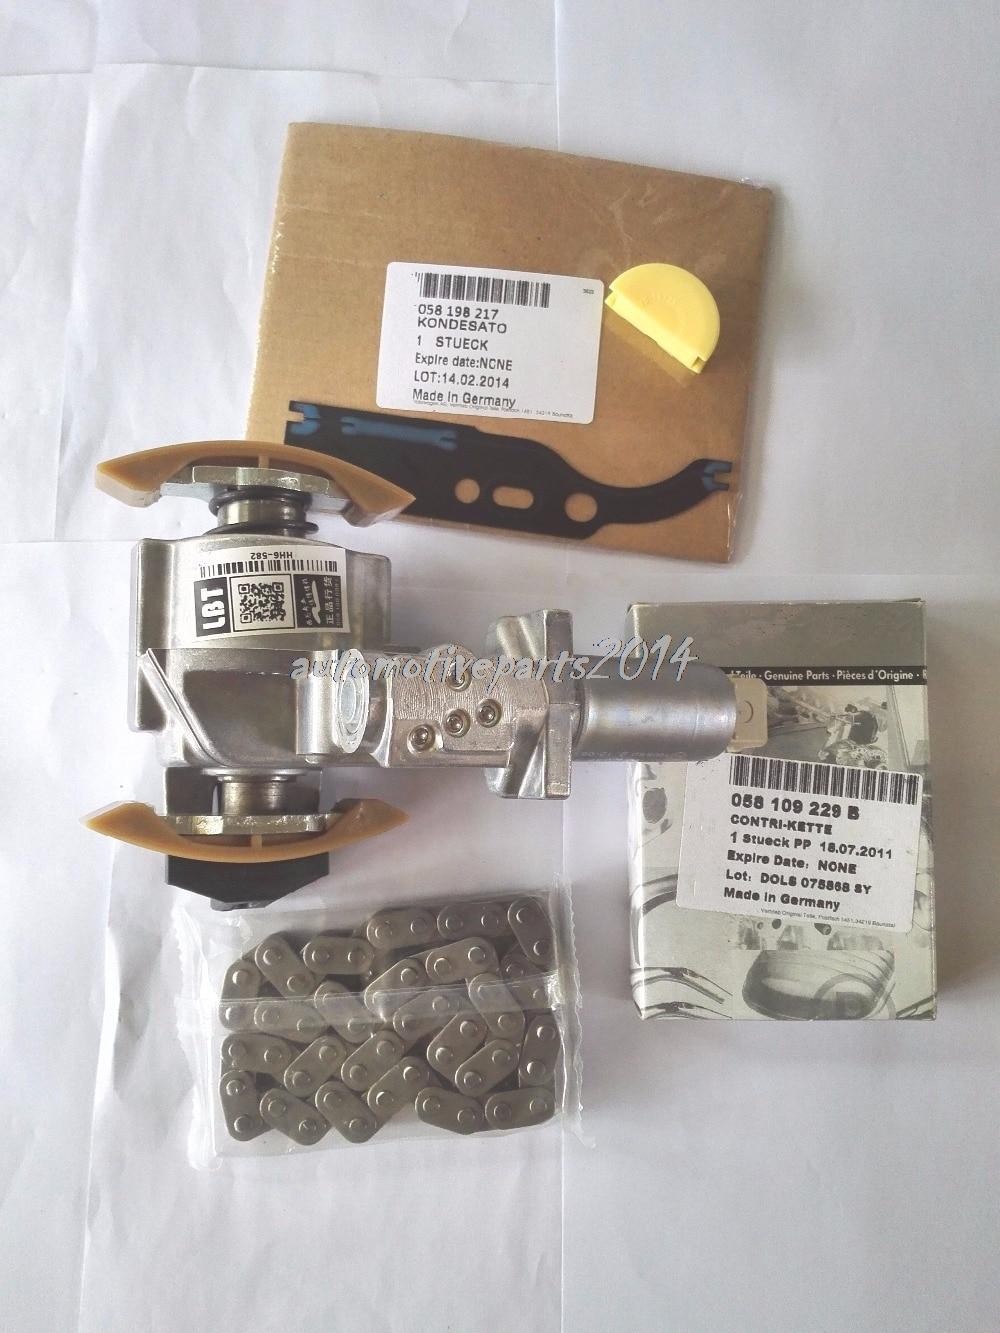 Nouveau 1 Kit de tendeur de chaîne de distribution d'arbre à cames véritable pour VW Jetta Golf Passat Beetle 1.8 1.8T 058109088K 058109088L 058109088